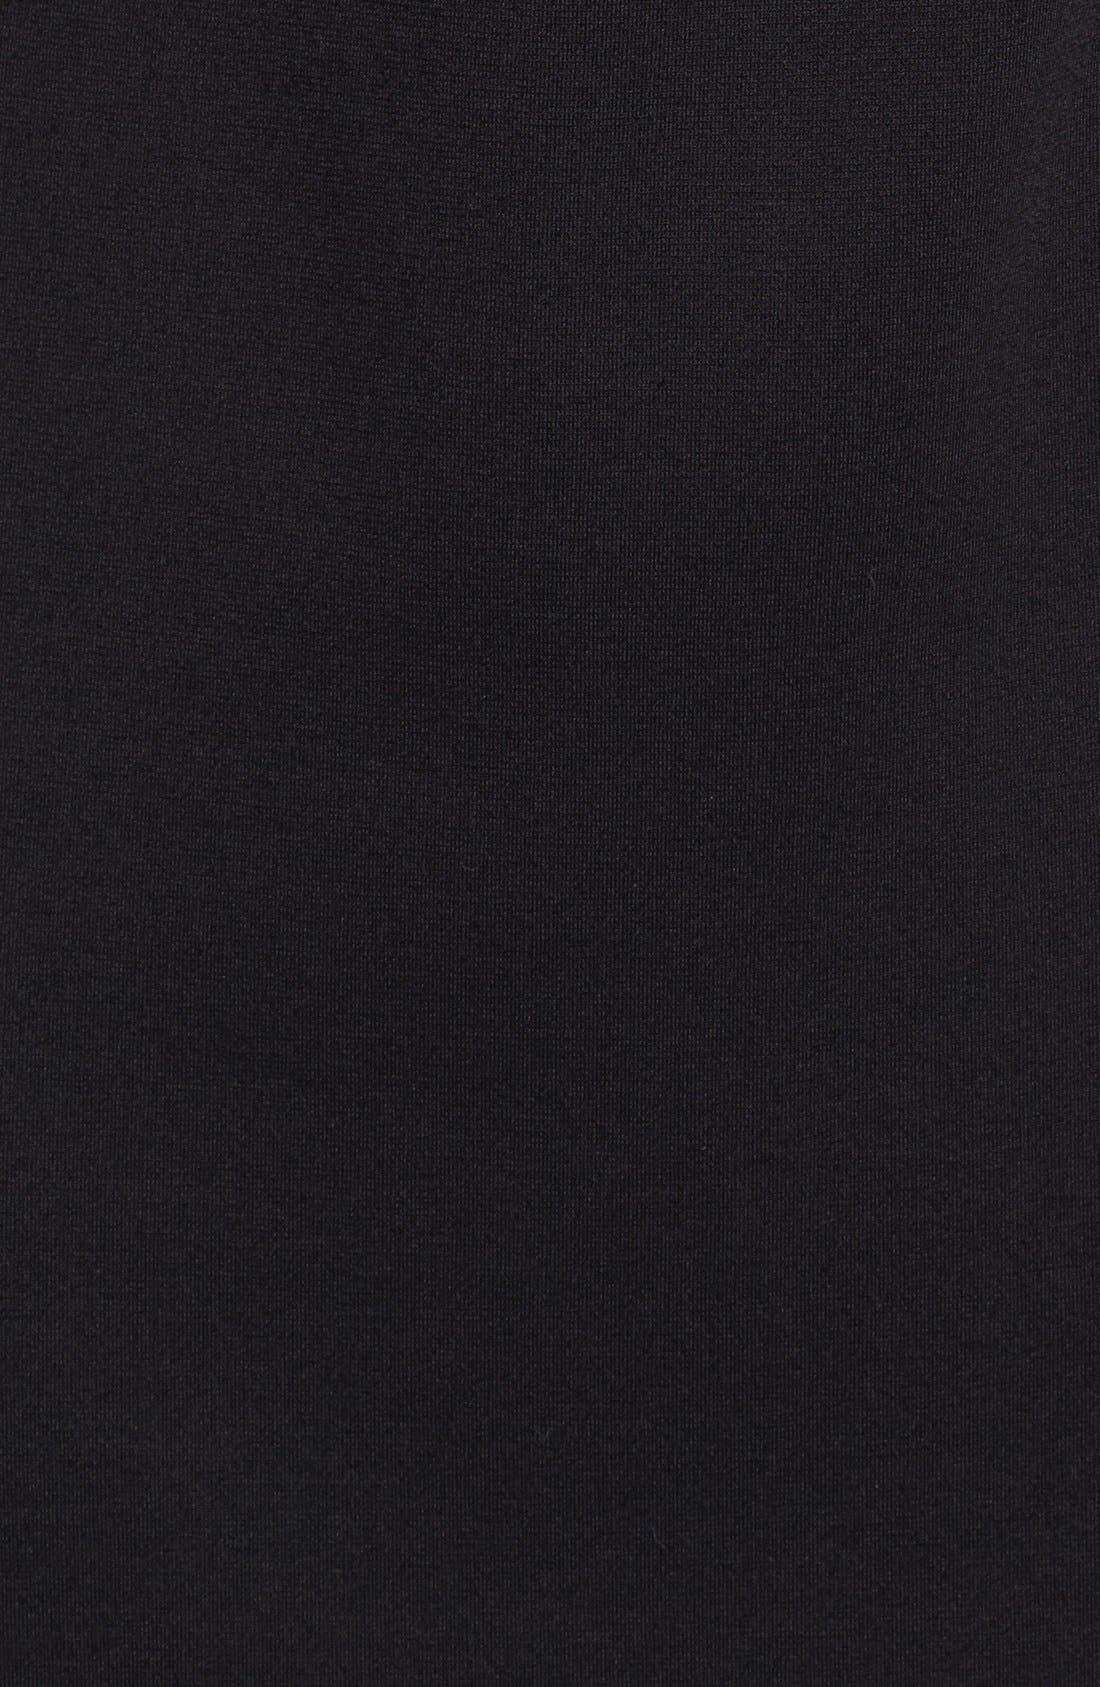 Alternate Image 3  - Vince Camuto Spiked Shoulder Ponte Knit Sheath Dress